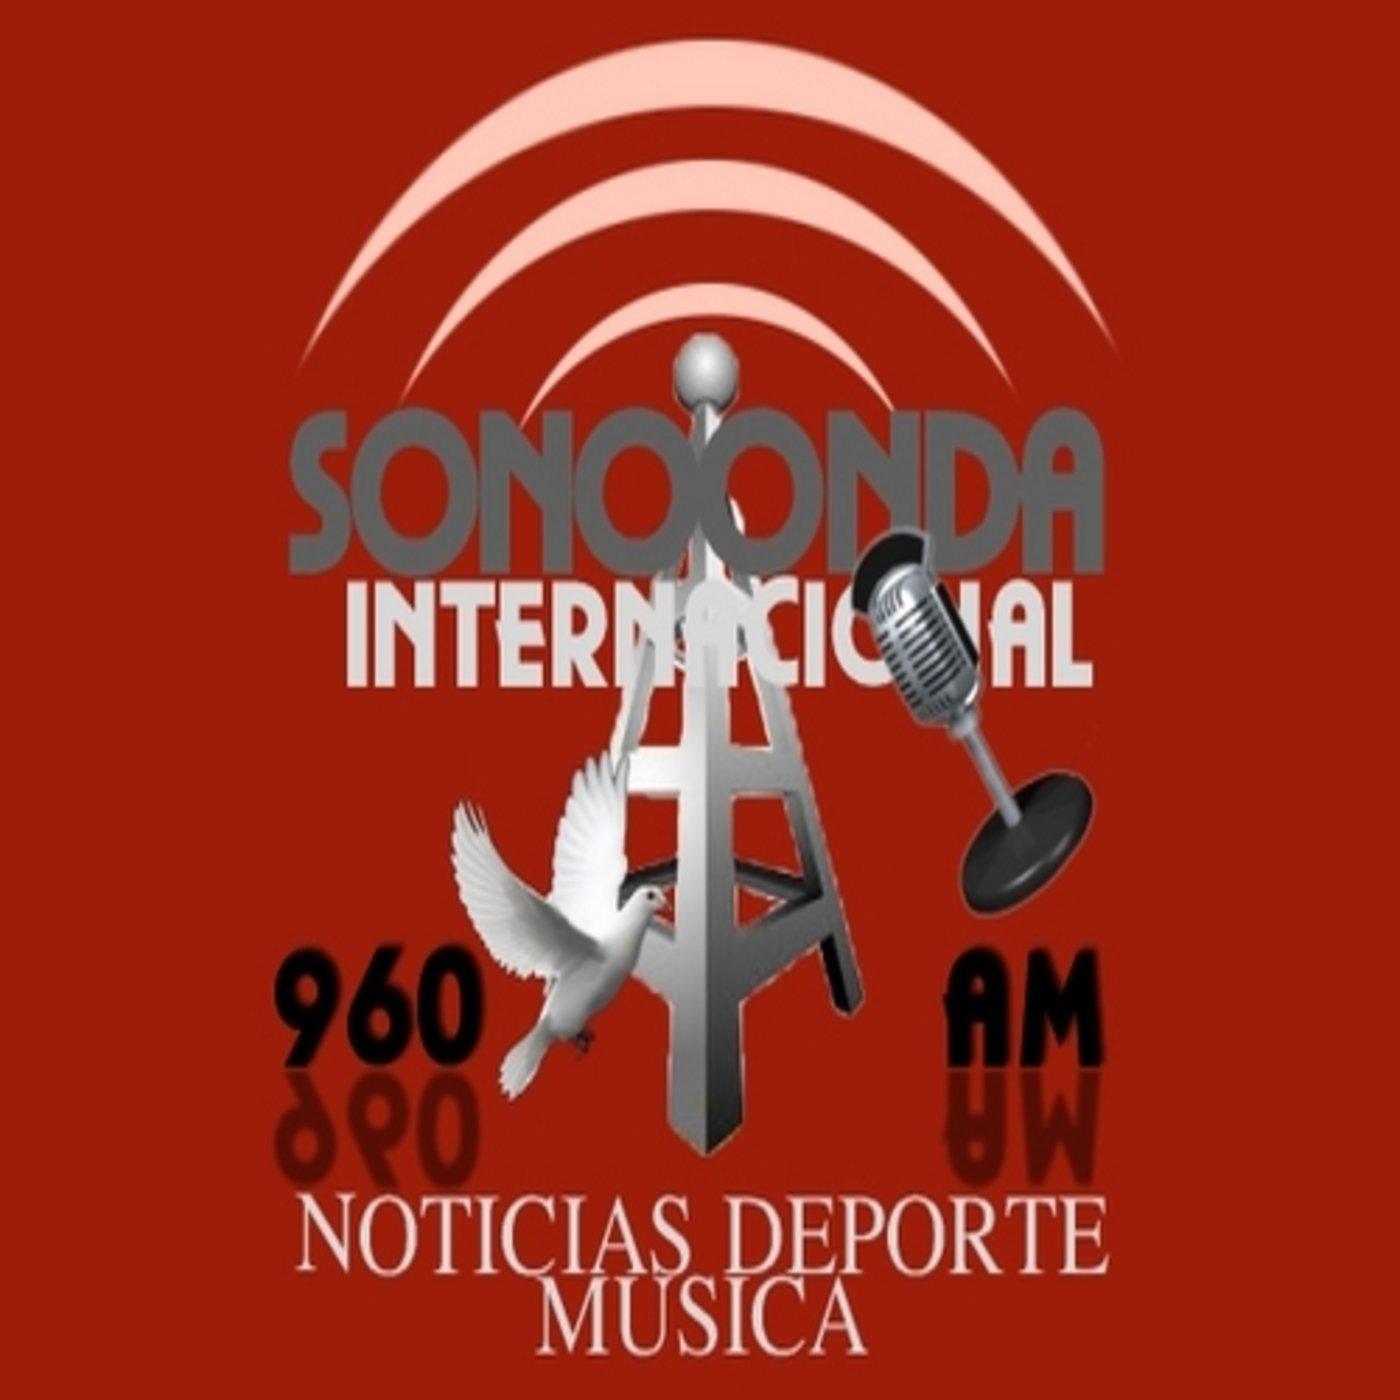 <![CDATA[Podcast de Radio Sonoonda Internacional]]>